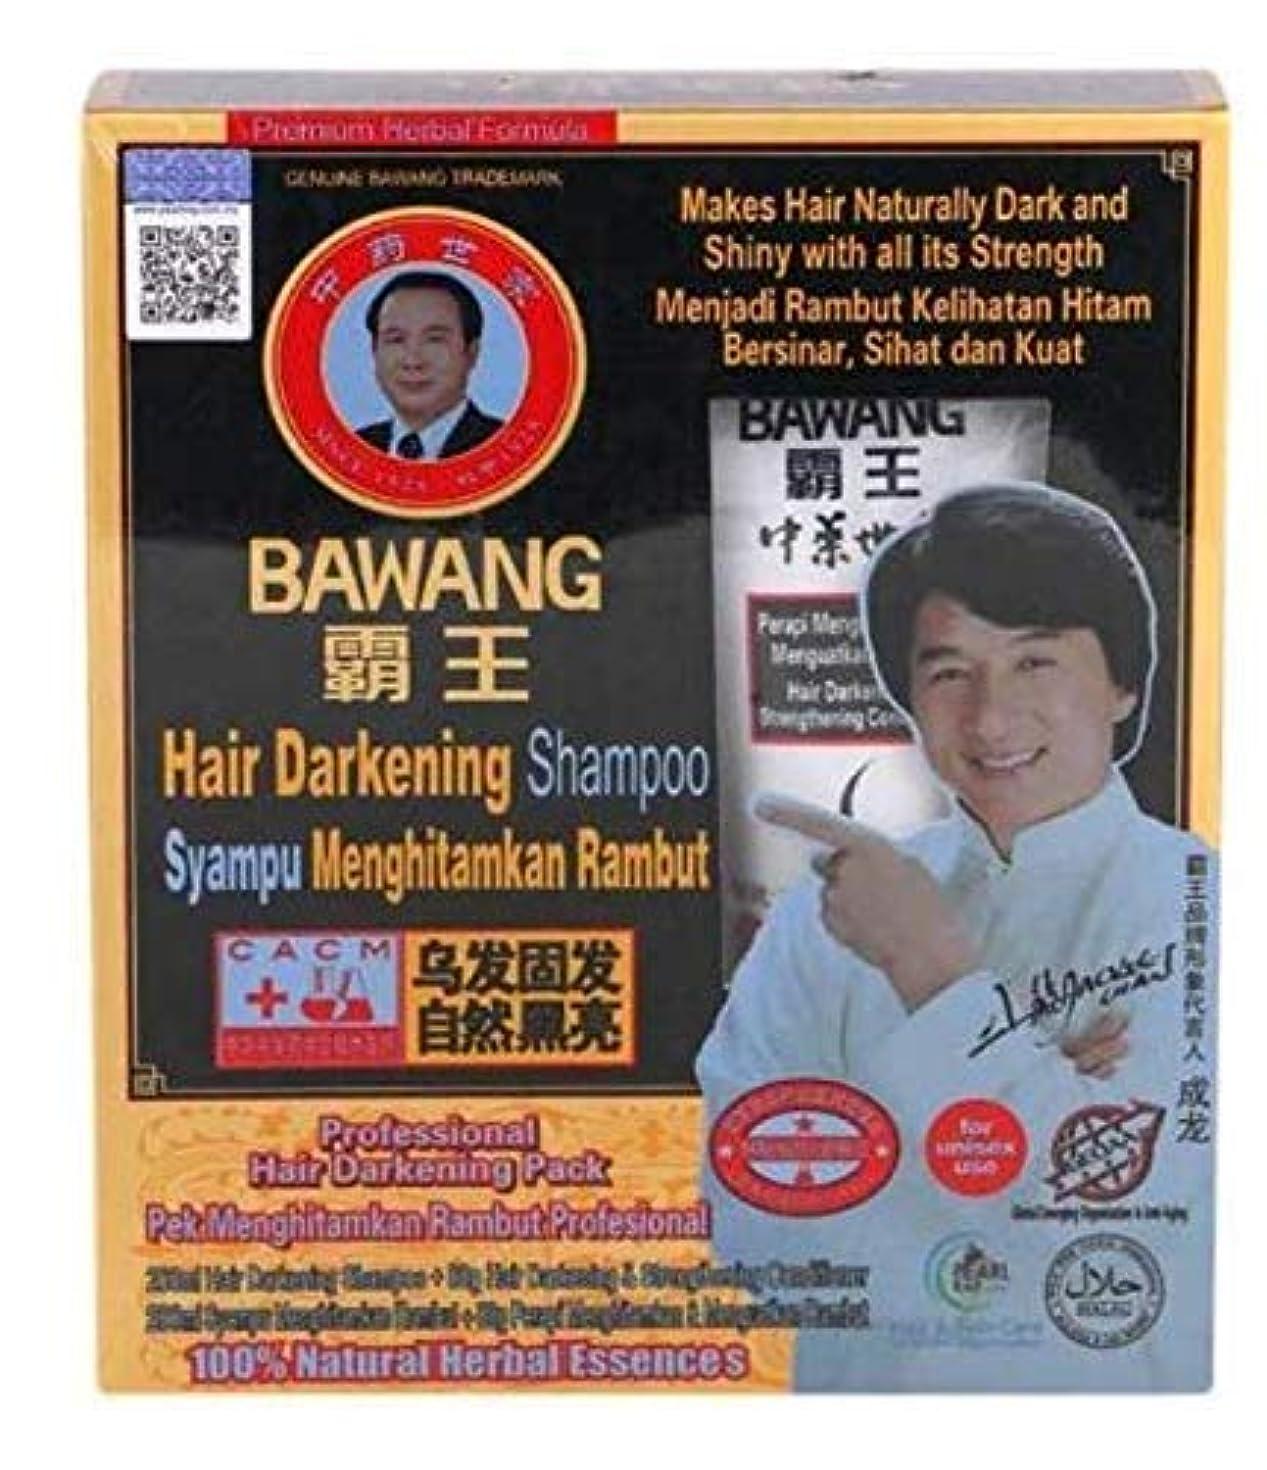 一時停止バレル不倫BAWANG プロフェッショナル髪黒い袋200ミリリットル+ 80グラム